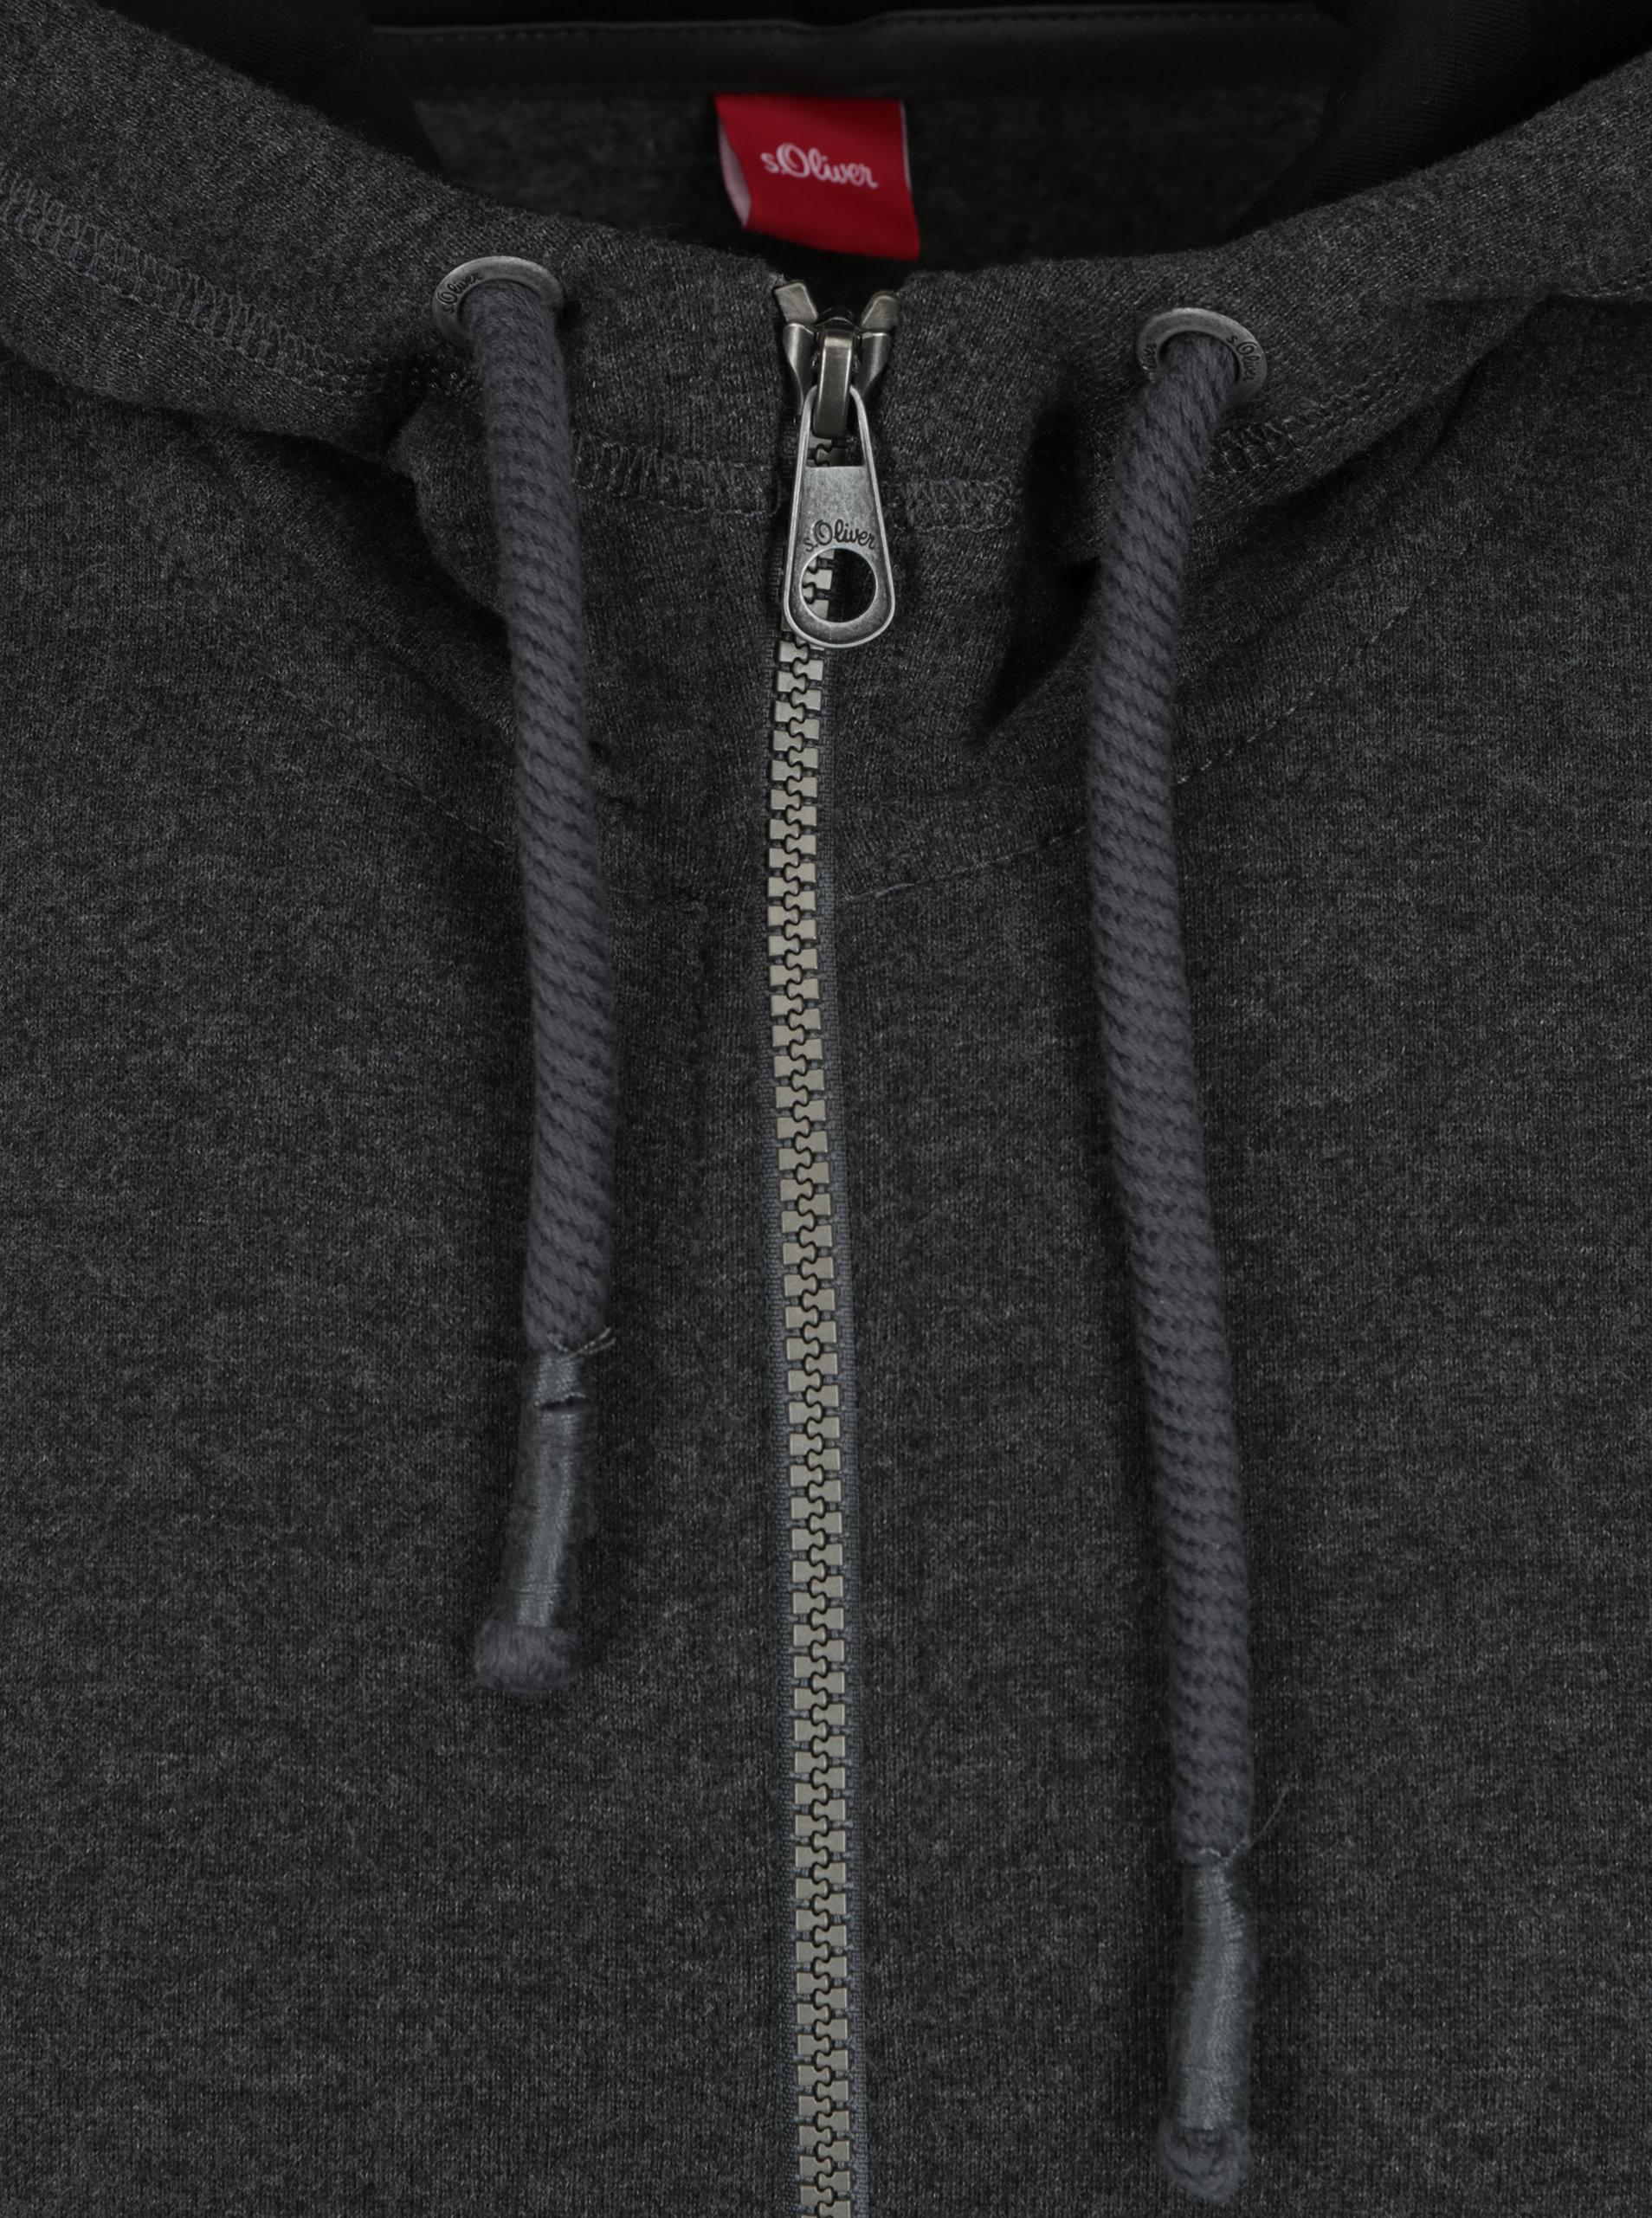 c900bc2eed5 Tmavě šedá pánská žíhaná mikina na zip s kapucí s.Oliver ...